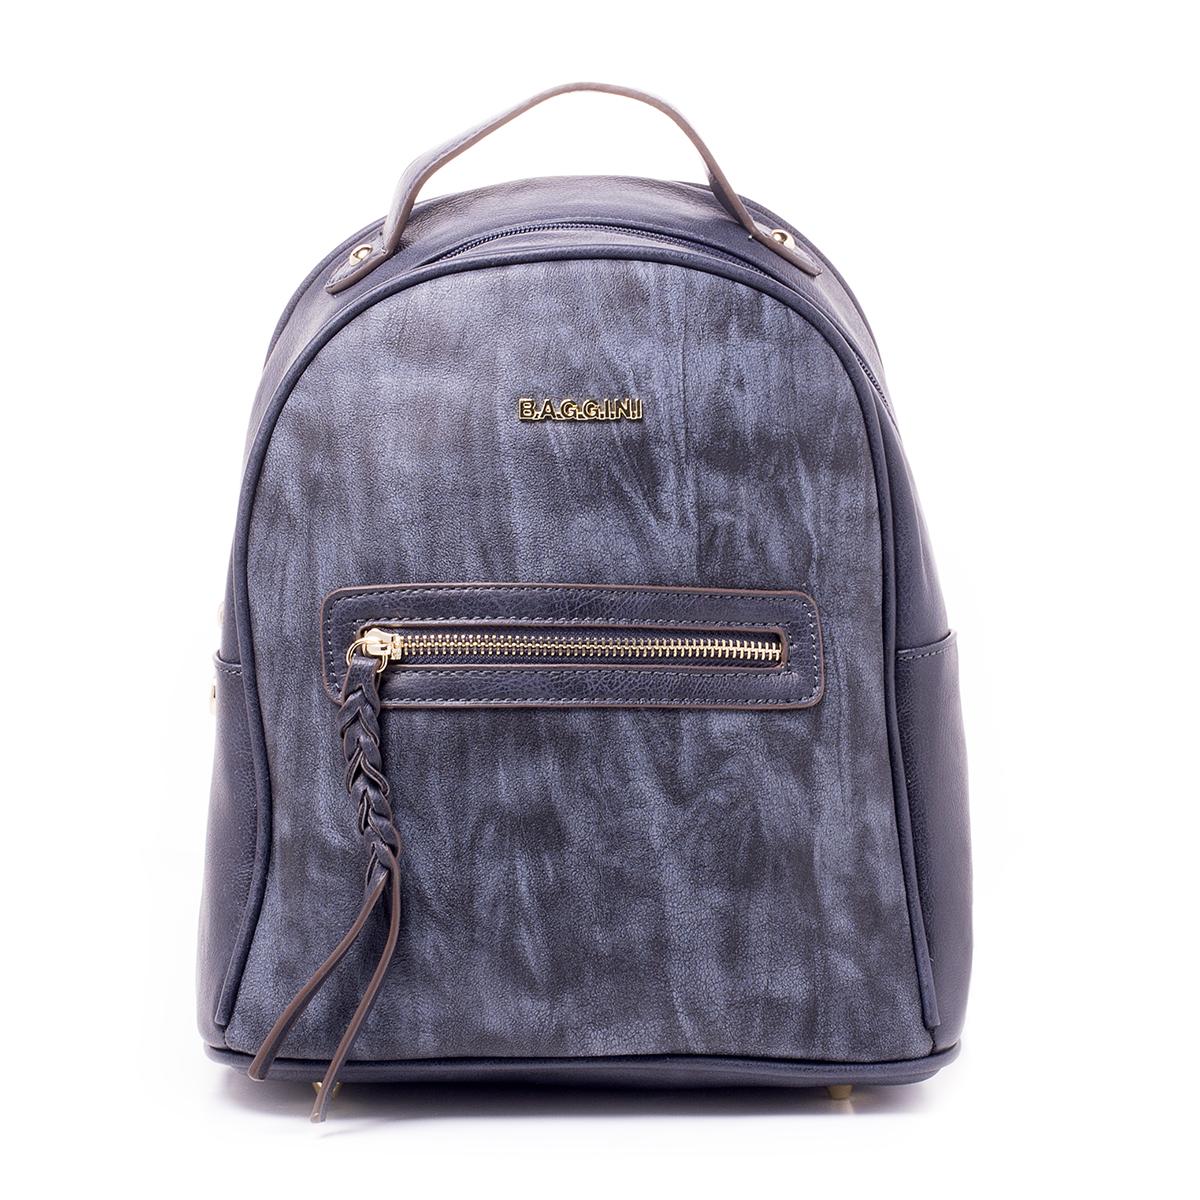 Рюкзак женский Baggini, цвет: синий. 29831/4329831/43Загрязнения на изделиях удаляется влажной мягкой тканью